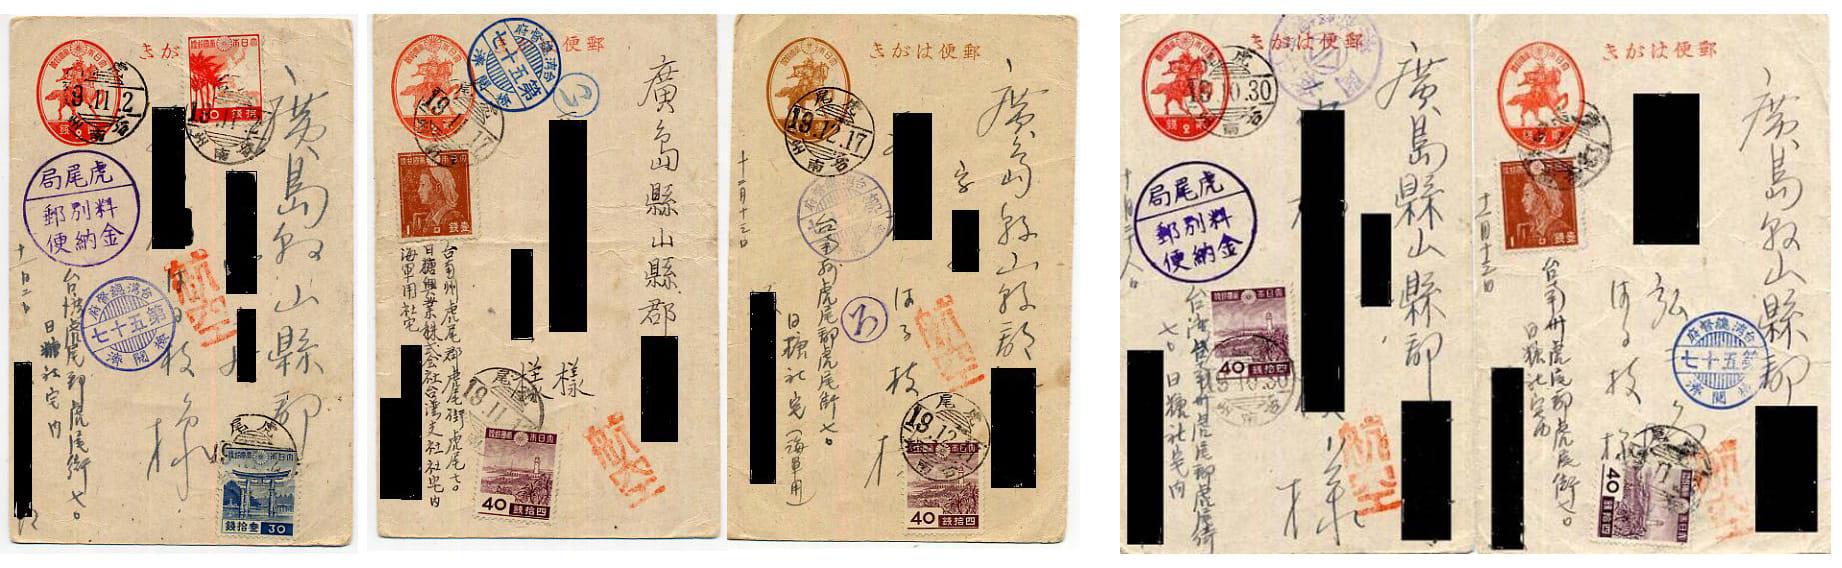 台湾検閲印 - 切手の愉しみ